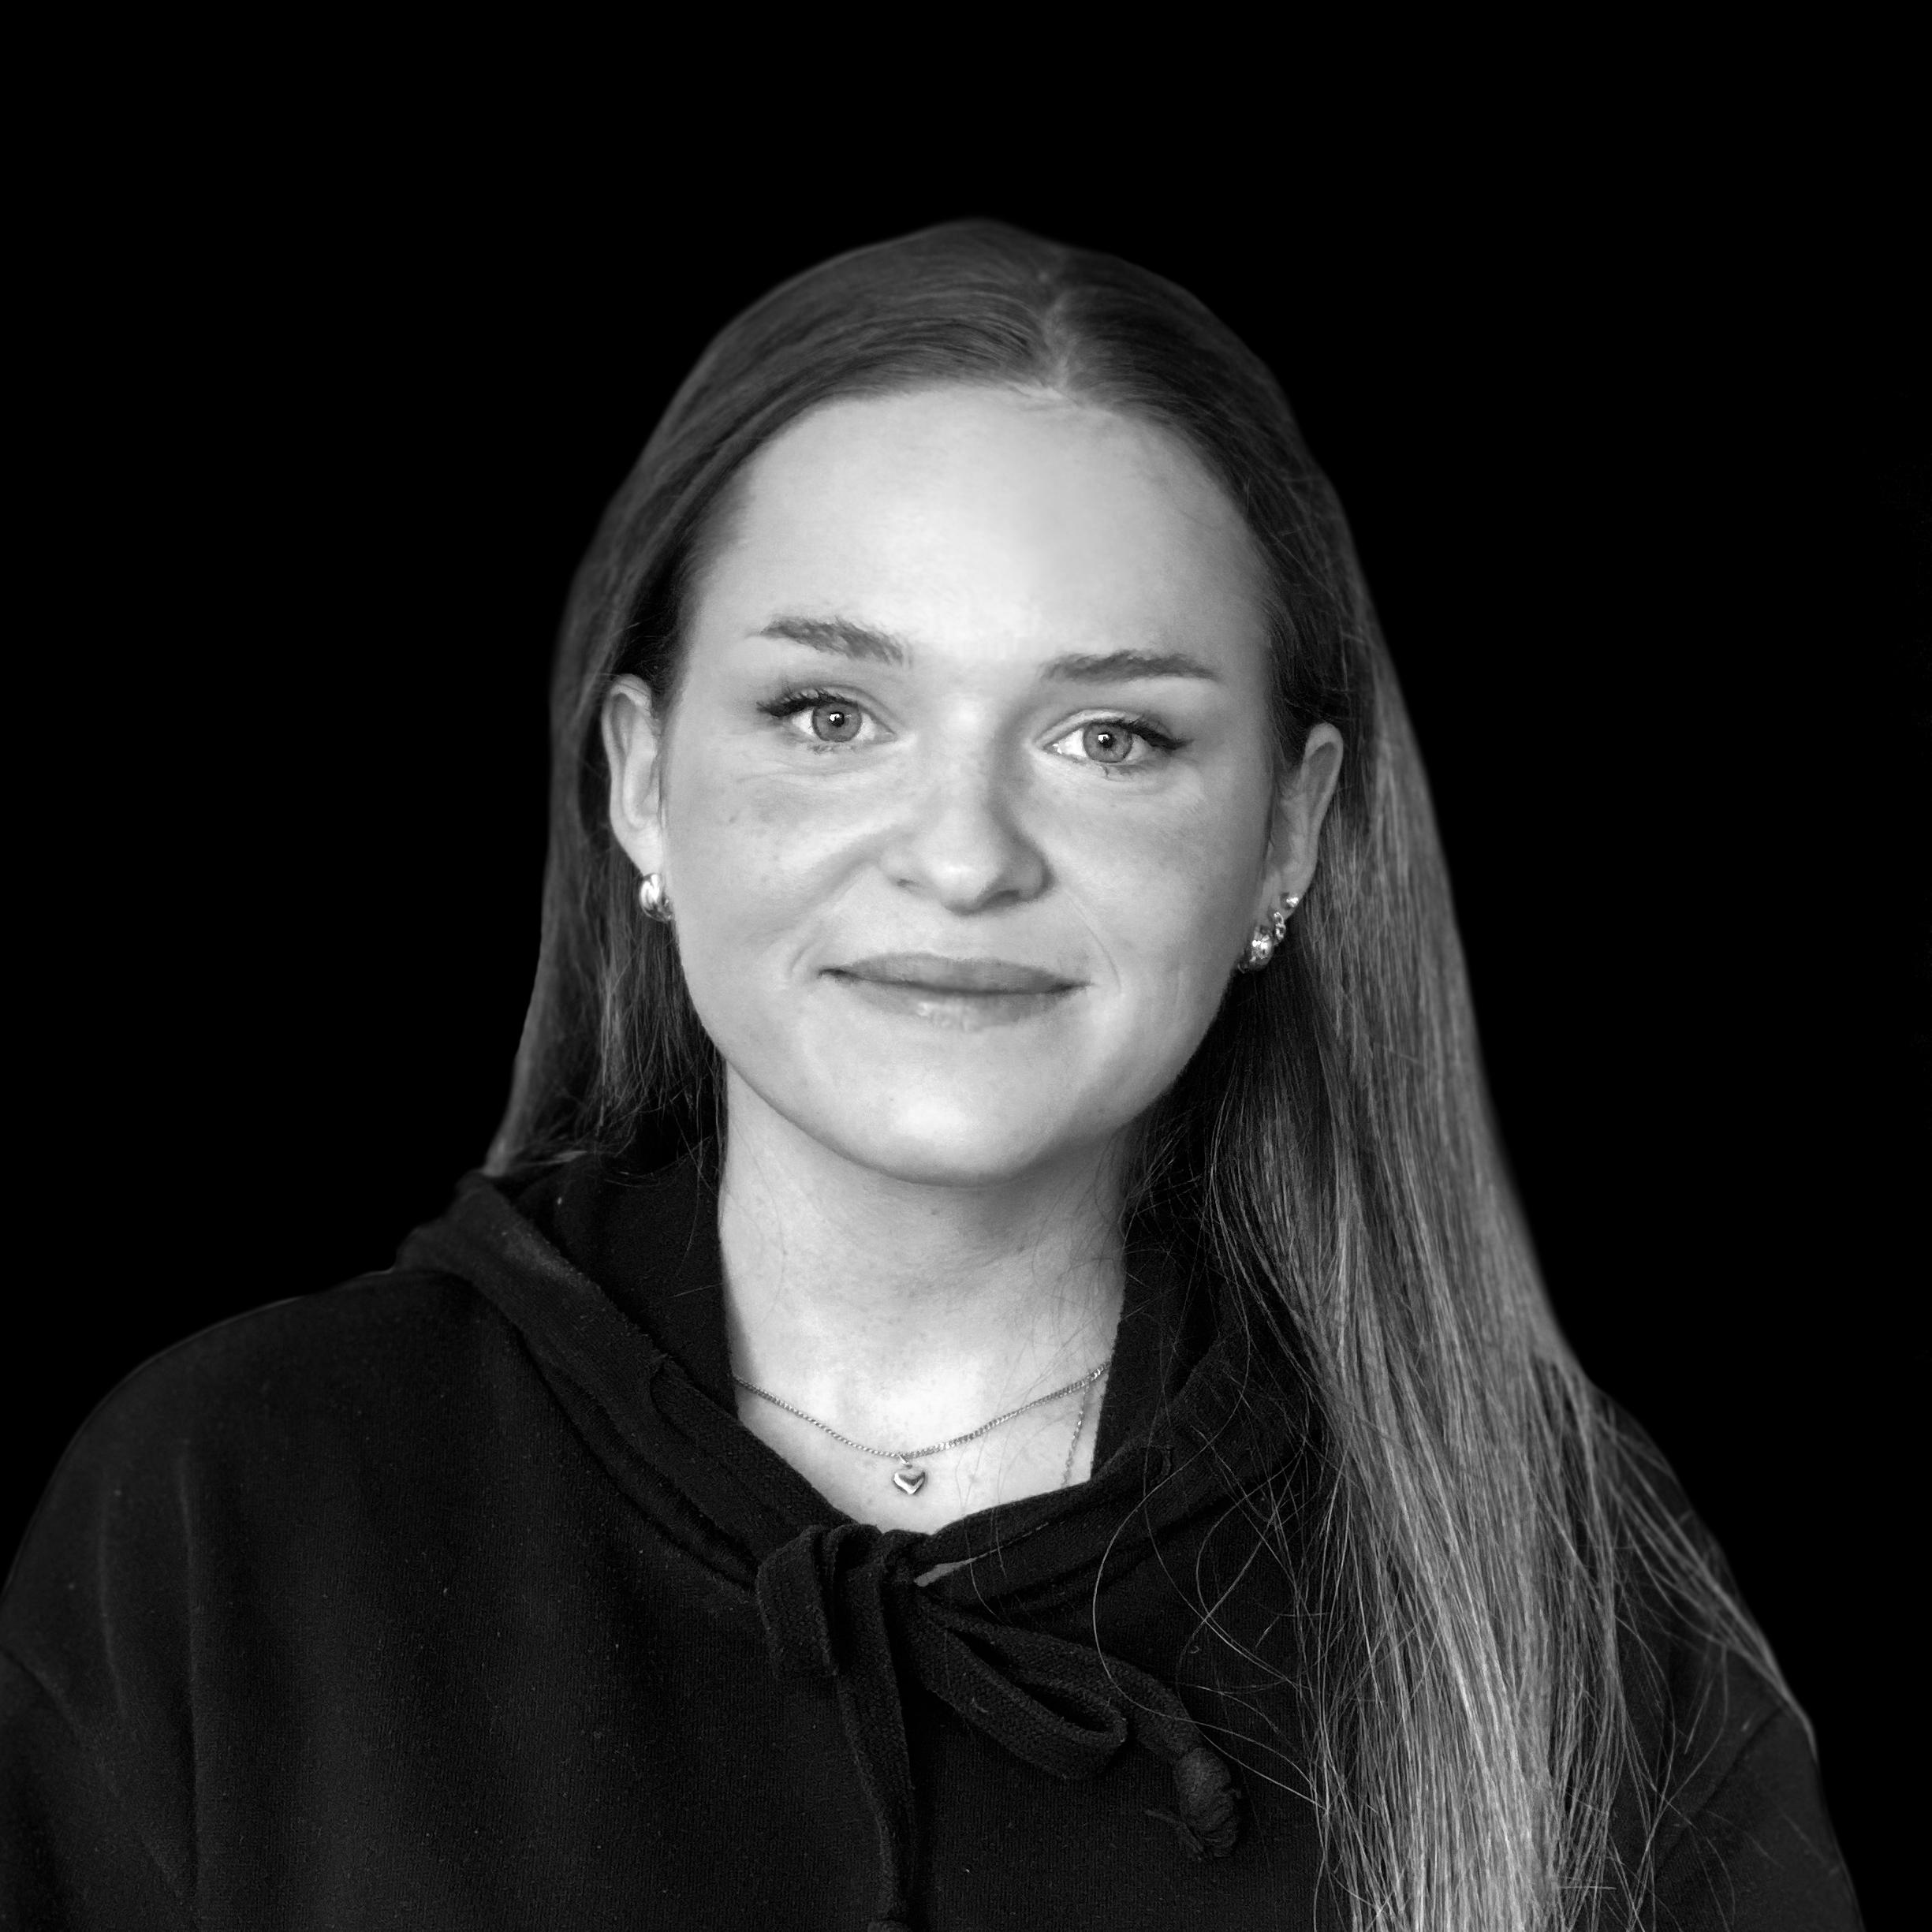 Janina Braeuner